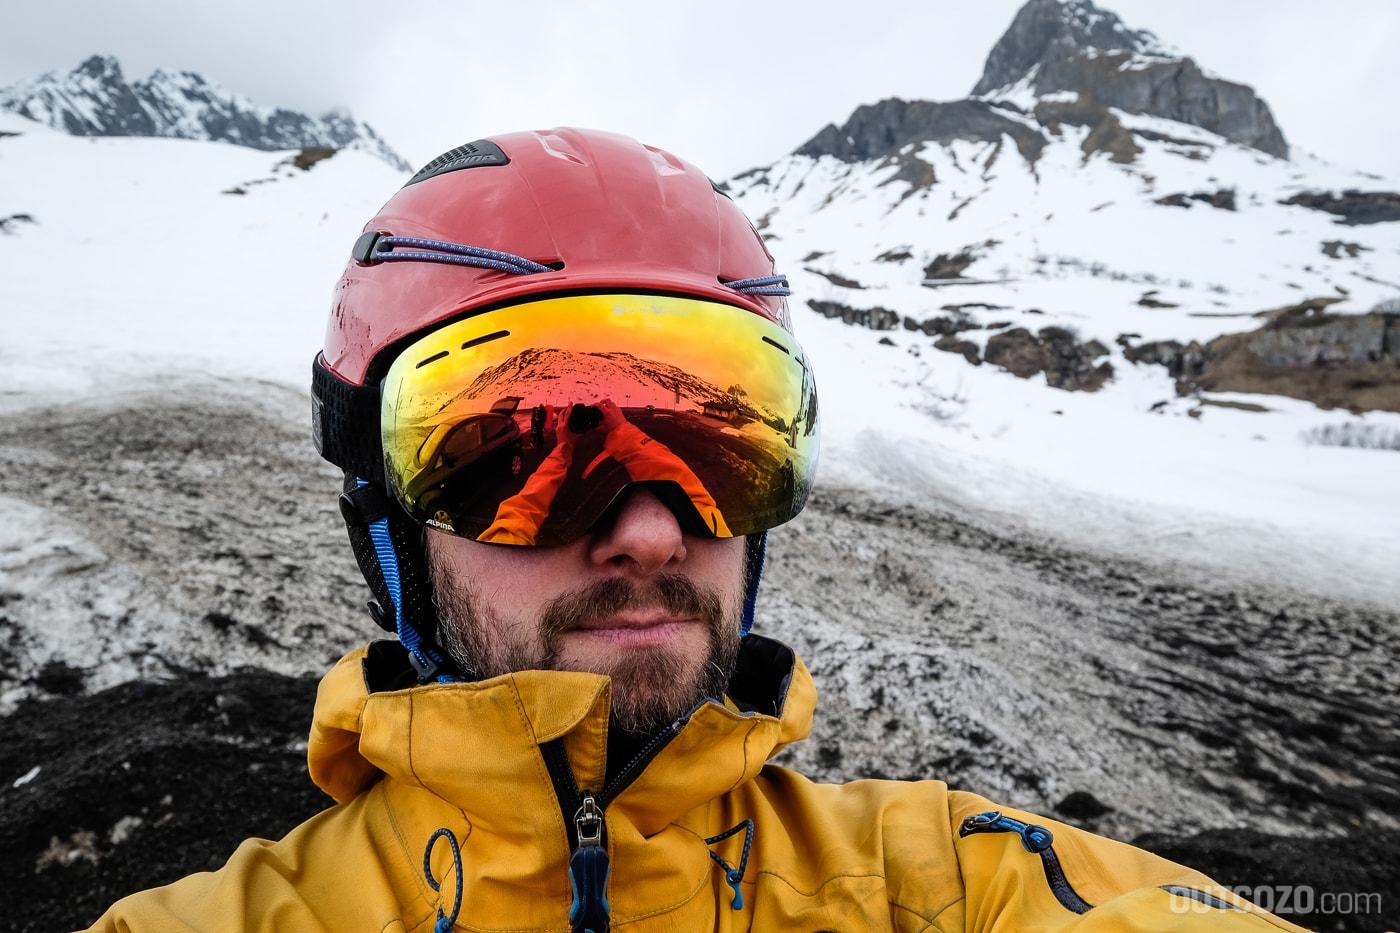 Alpina Granby QVMM bei Bewölkung ist die Sicht nicht ideal